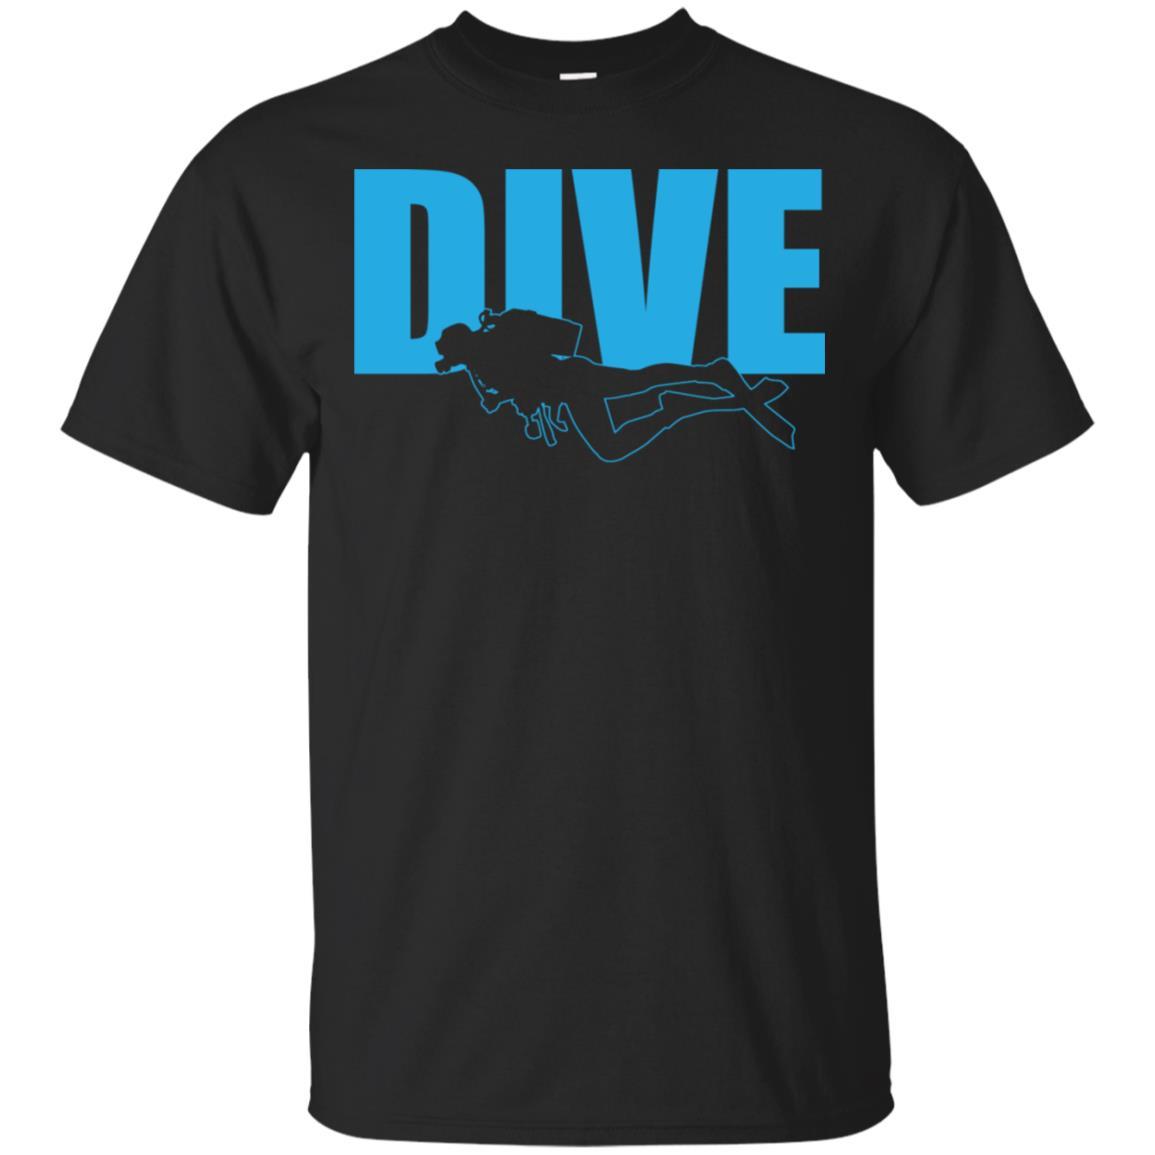 Dive Scuba Diving Ocean Exploration Unisex Short Sleeve